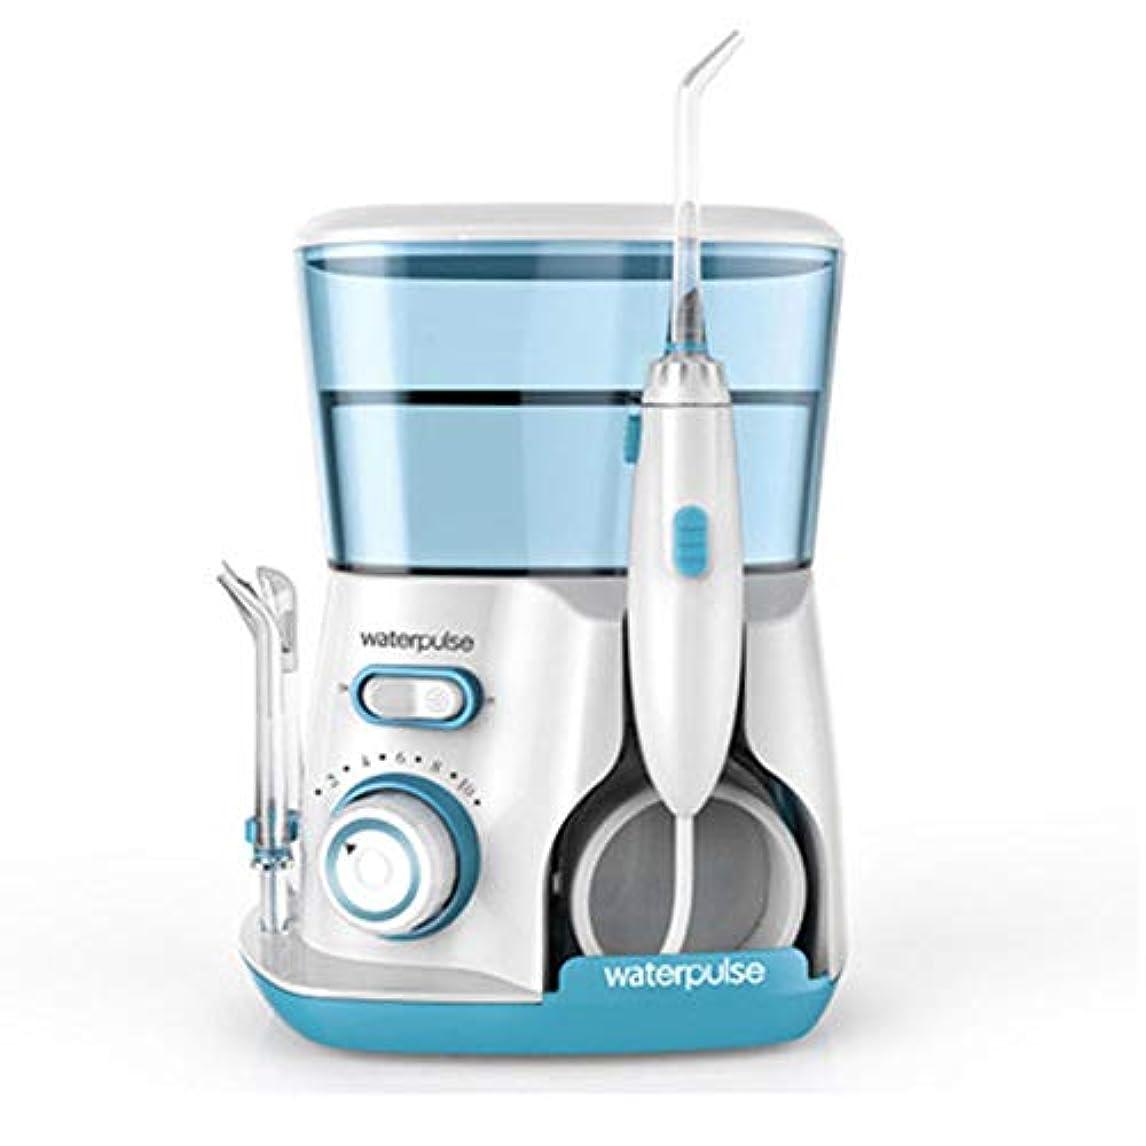 水の容量800mlの5つの多機能ヒントのカウンタートップ歯科口腔洗浄器でリークプルーフ電気静かな設計ホーム&トラベル (色 : Green)